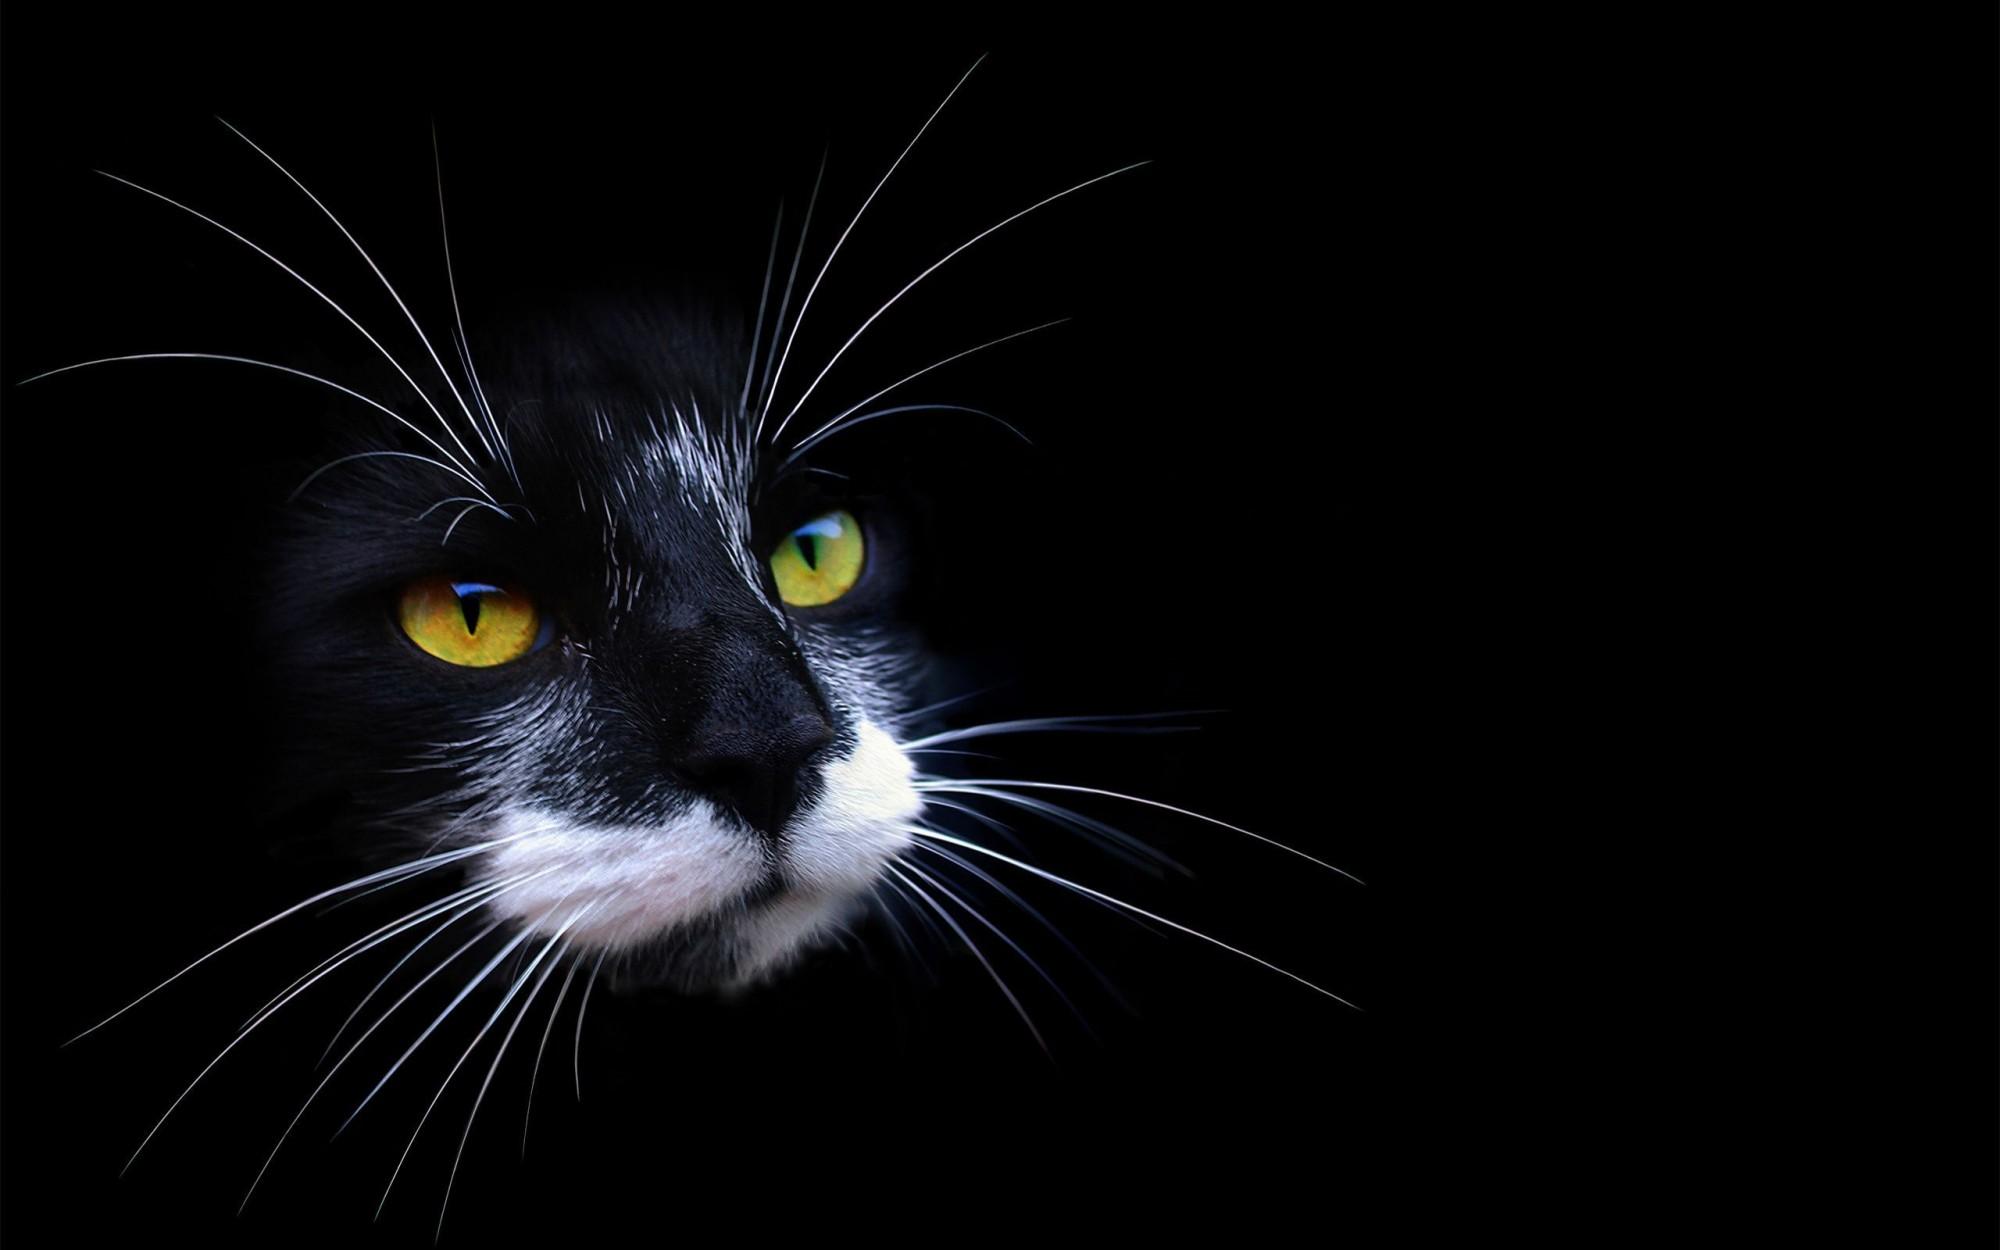 красивые картинки на рабочий стол.кошки